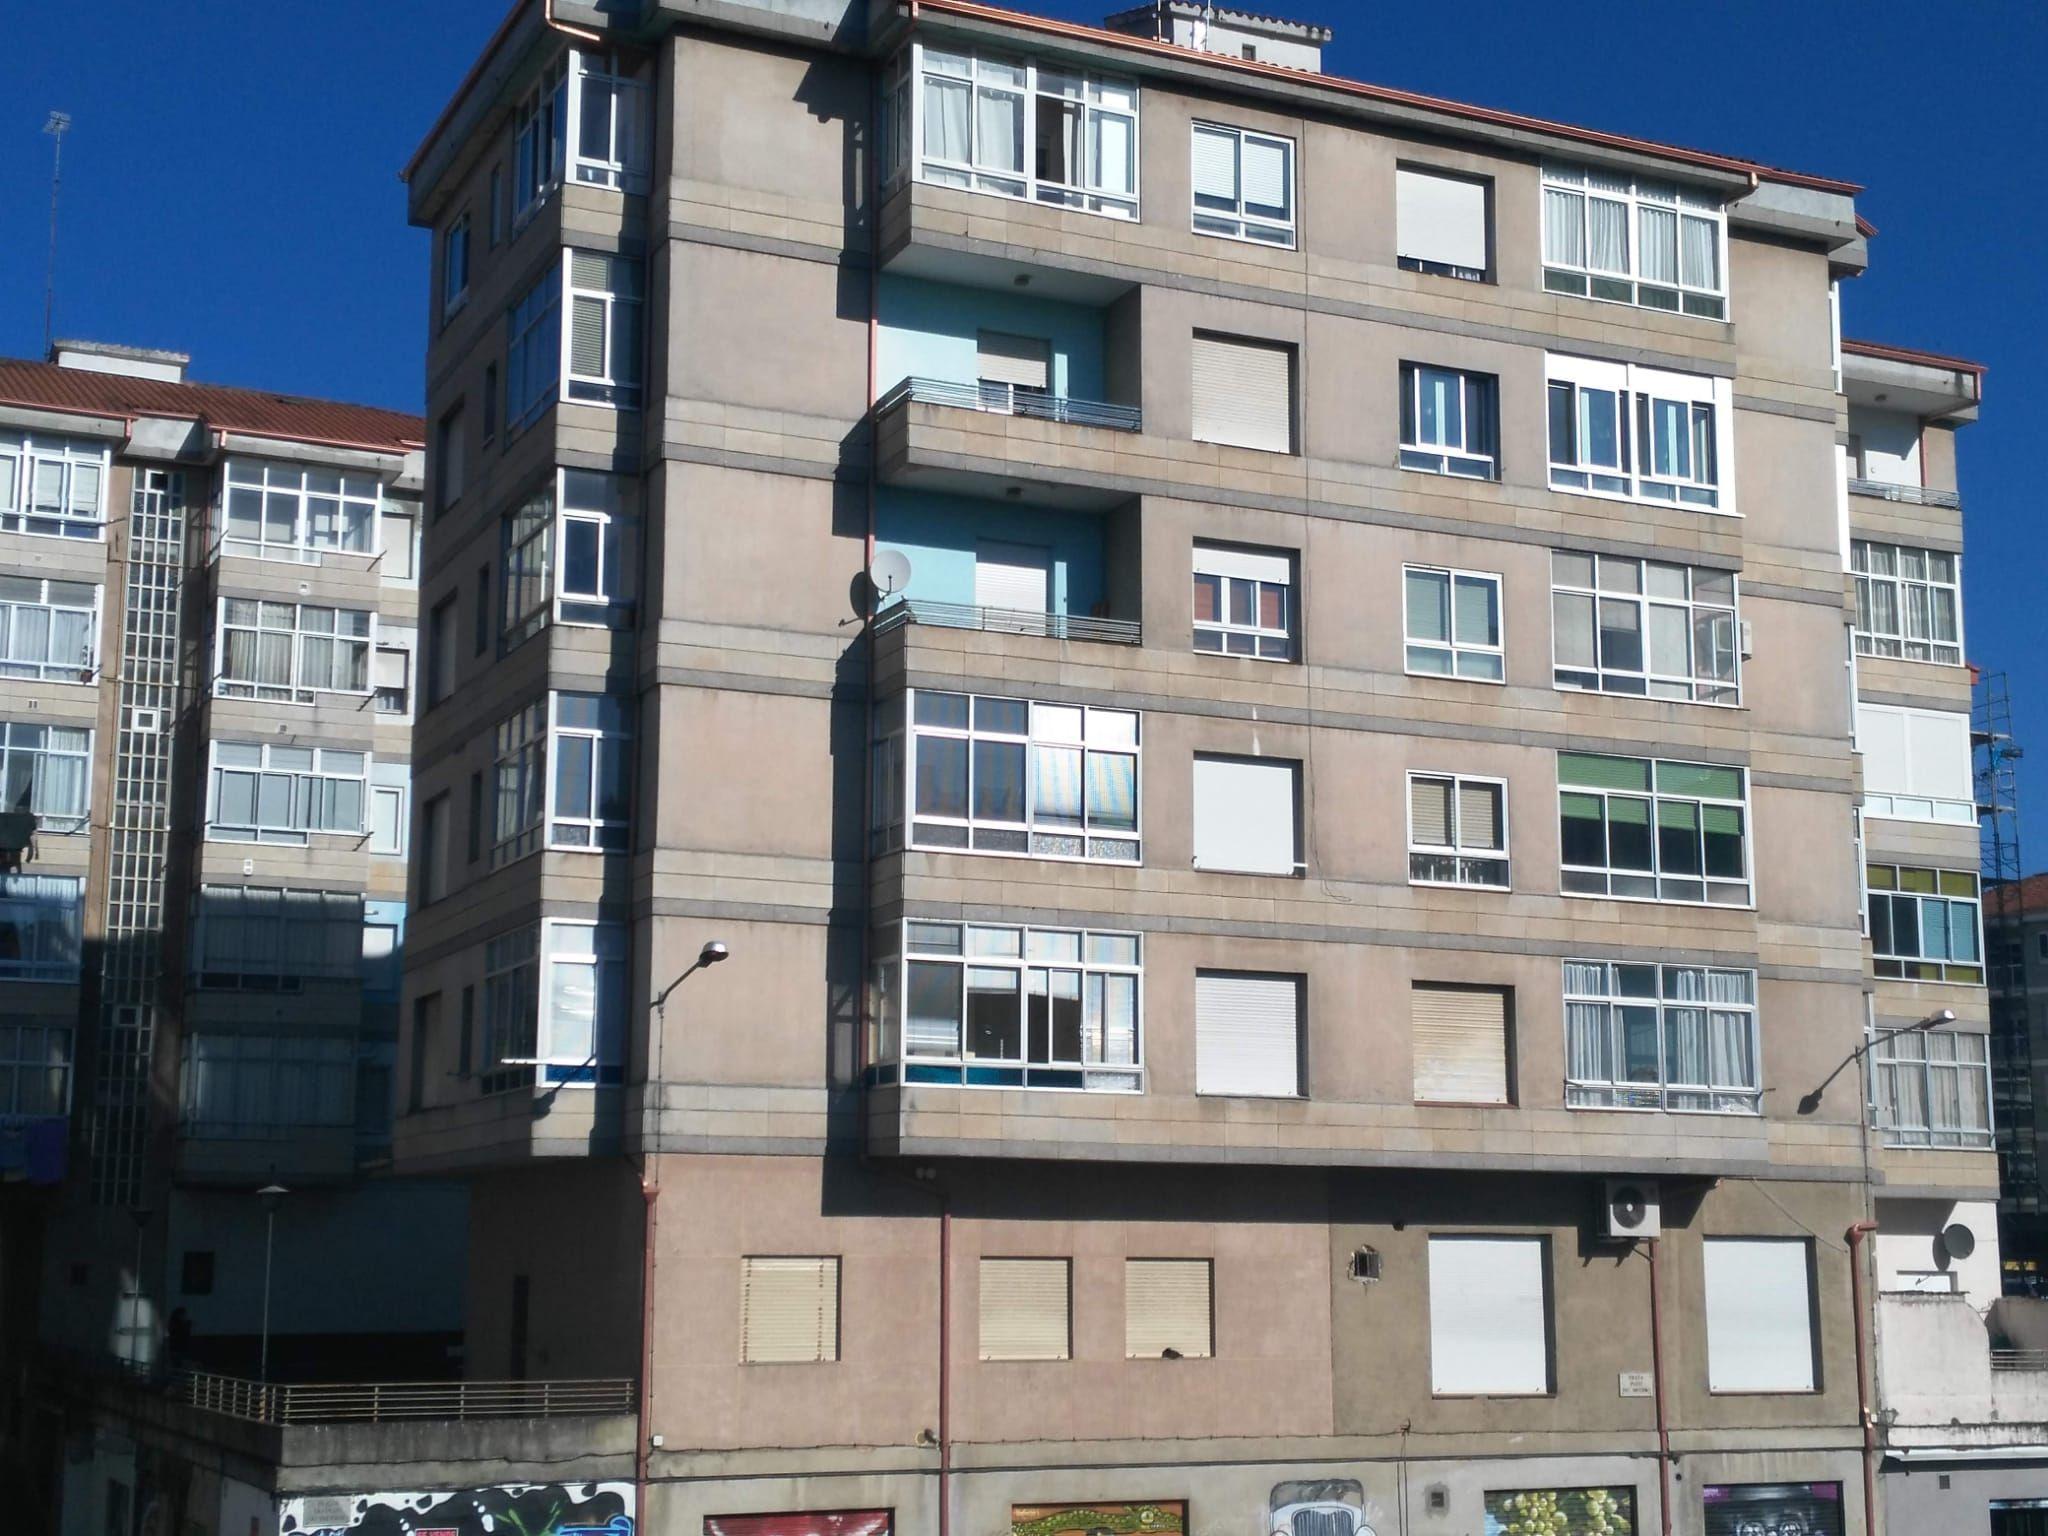 Mantenimiento de comunidades en Ourense